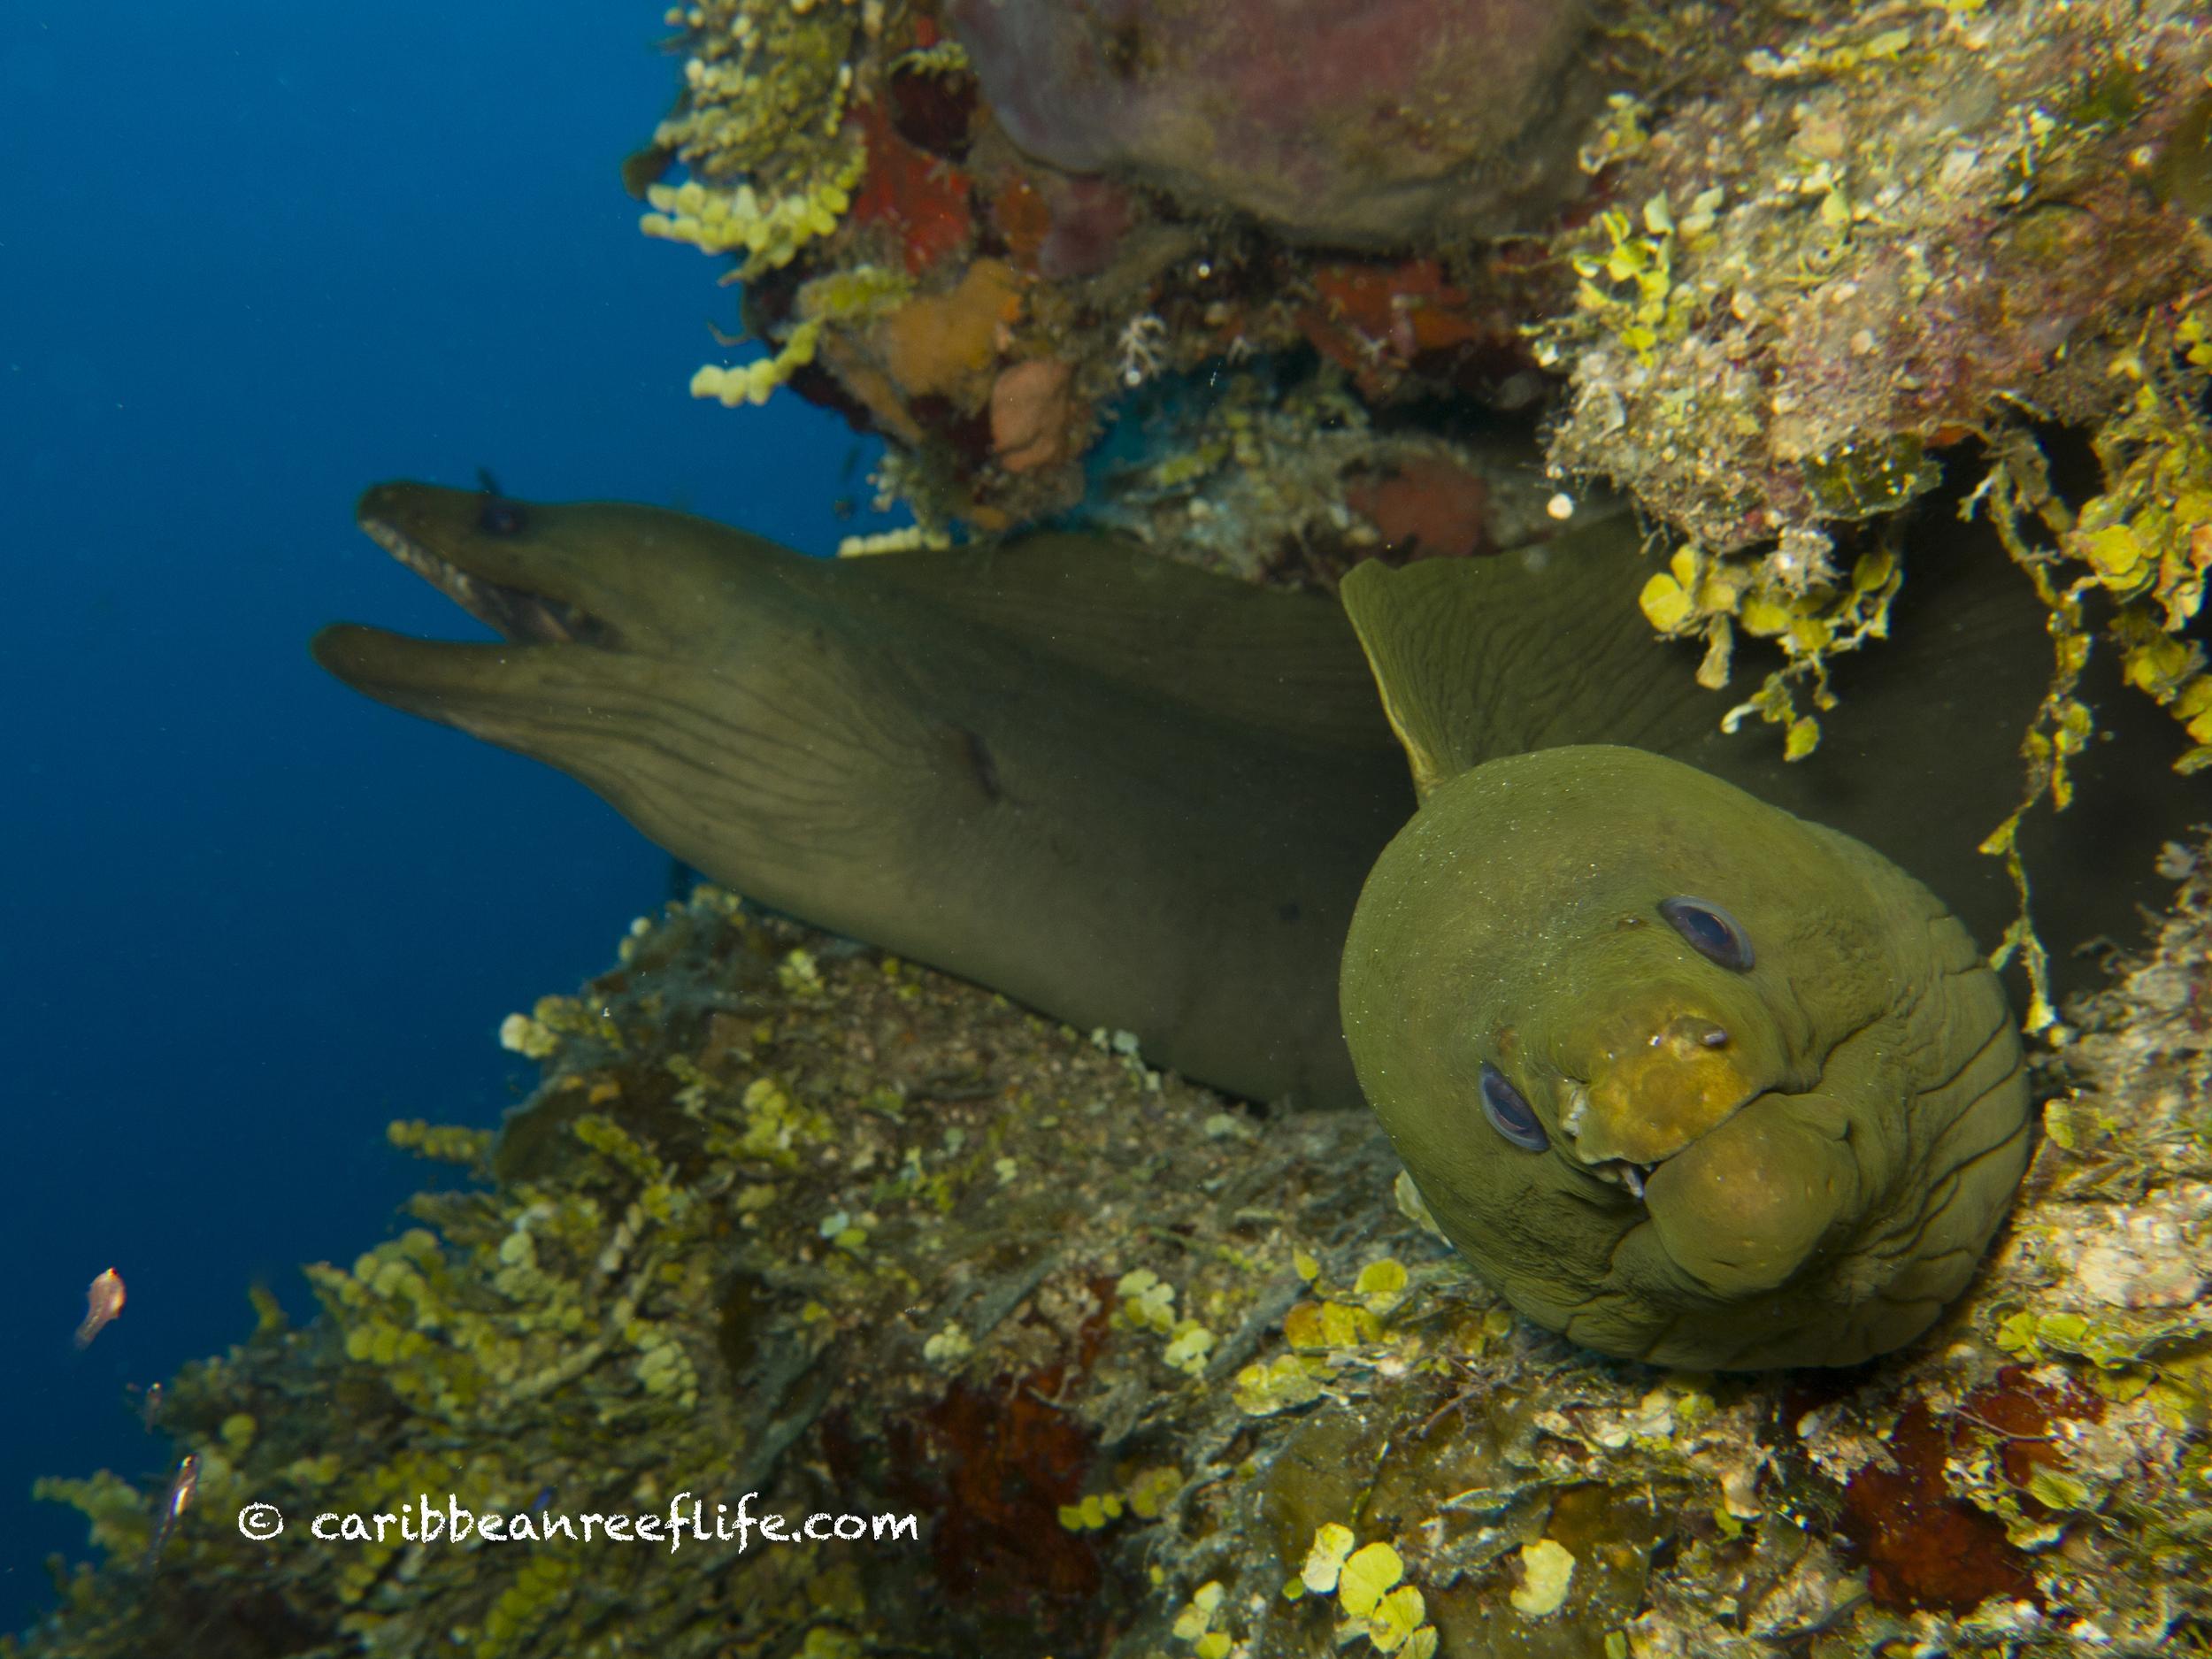 Green Moray Eels